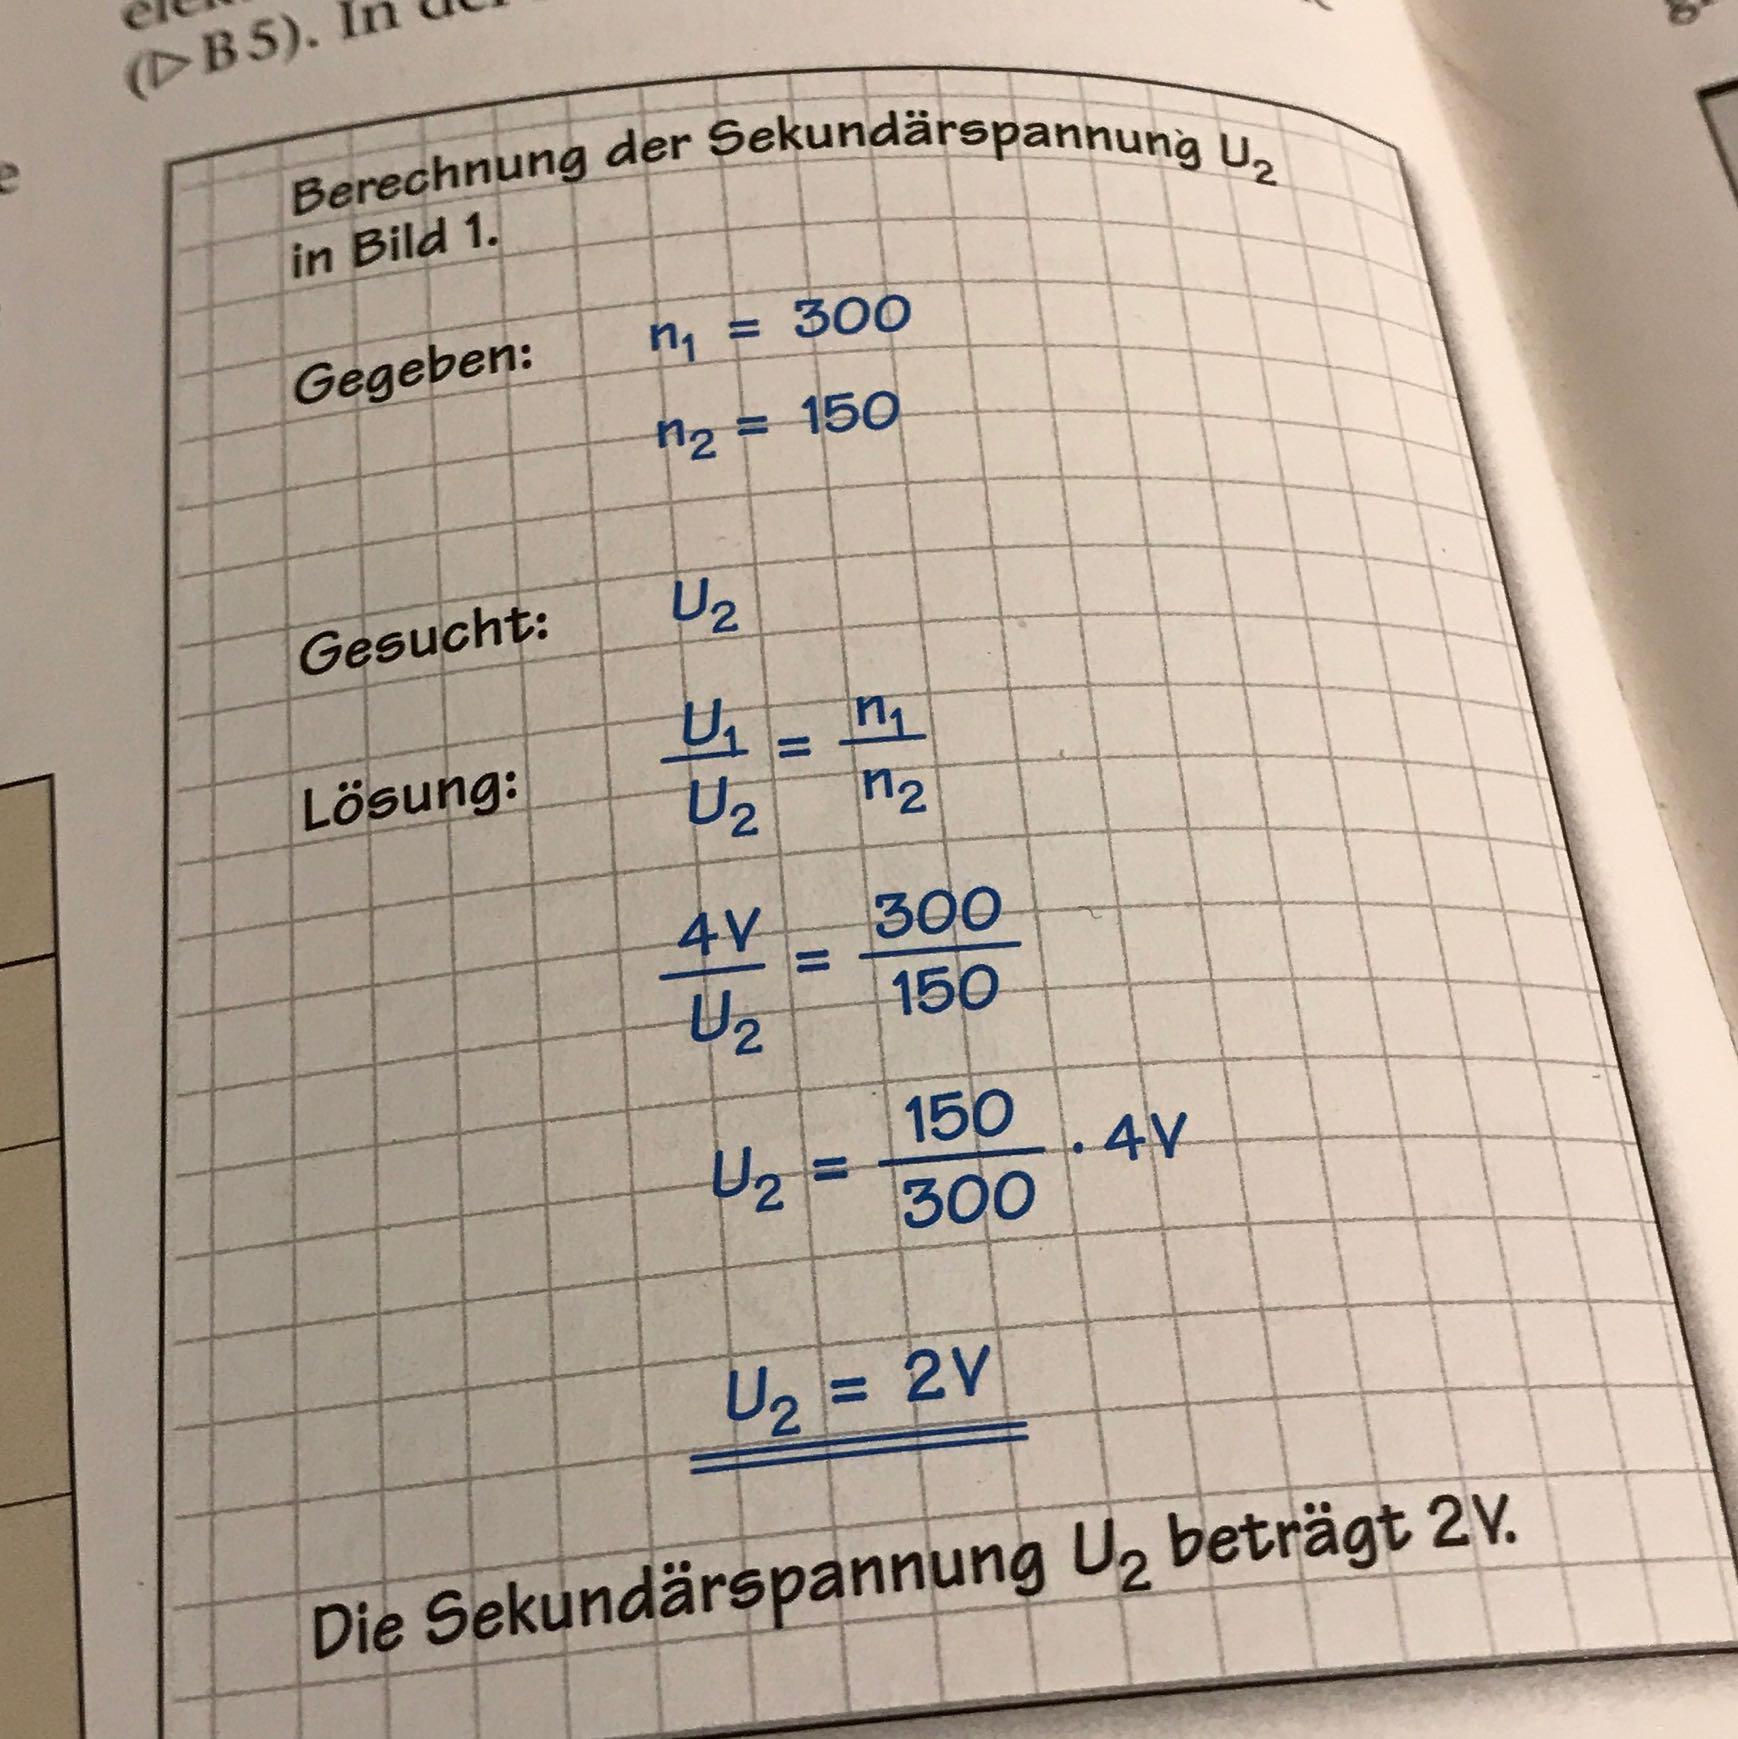 wie rechne ich das wenn n1 gleich 600 und n2 gleich 300 sind mathe physik. Black Bedroom Furniture Sets. Home Design Ideas